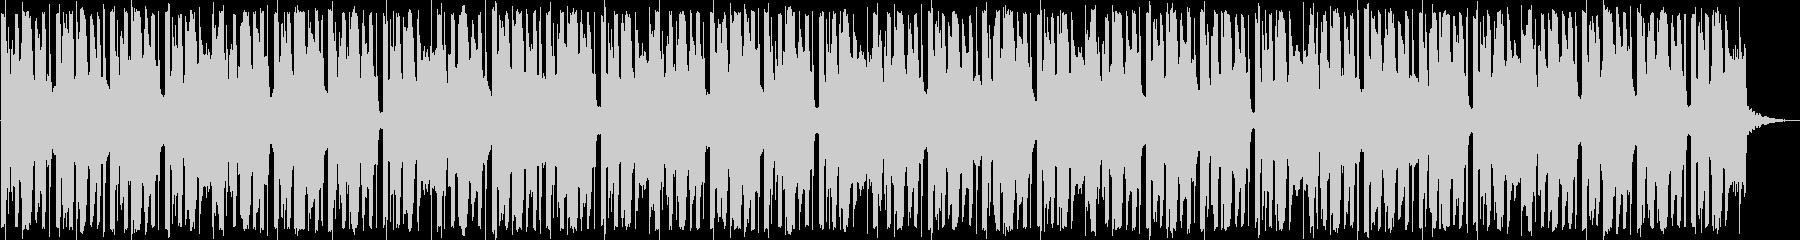 トロピカルなEDMの未再生の波形